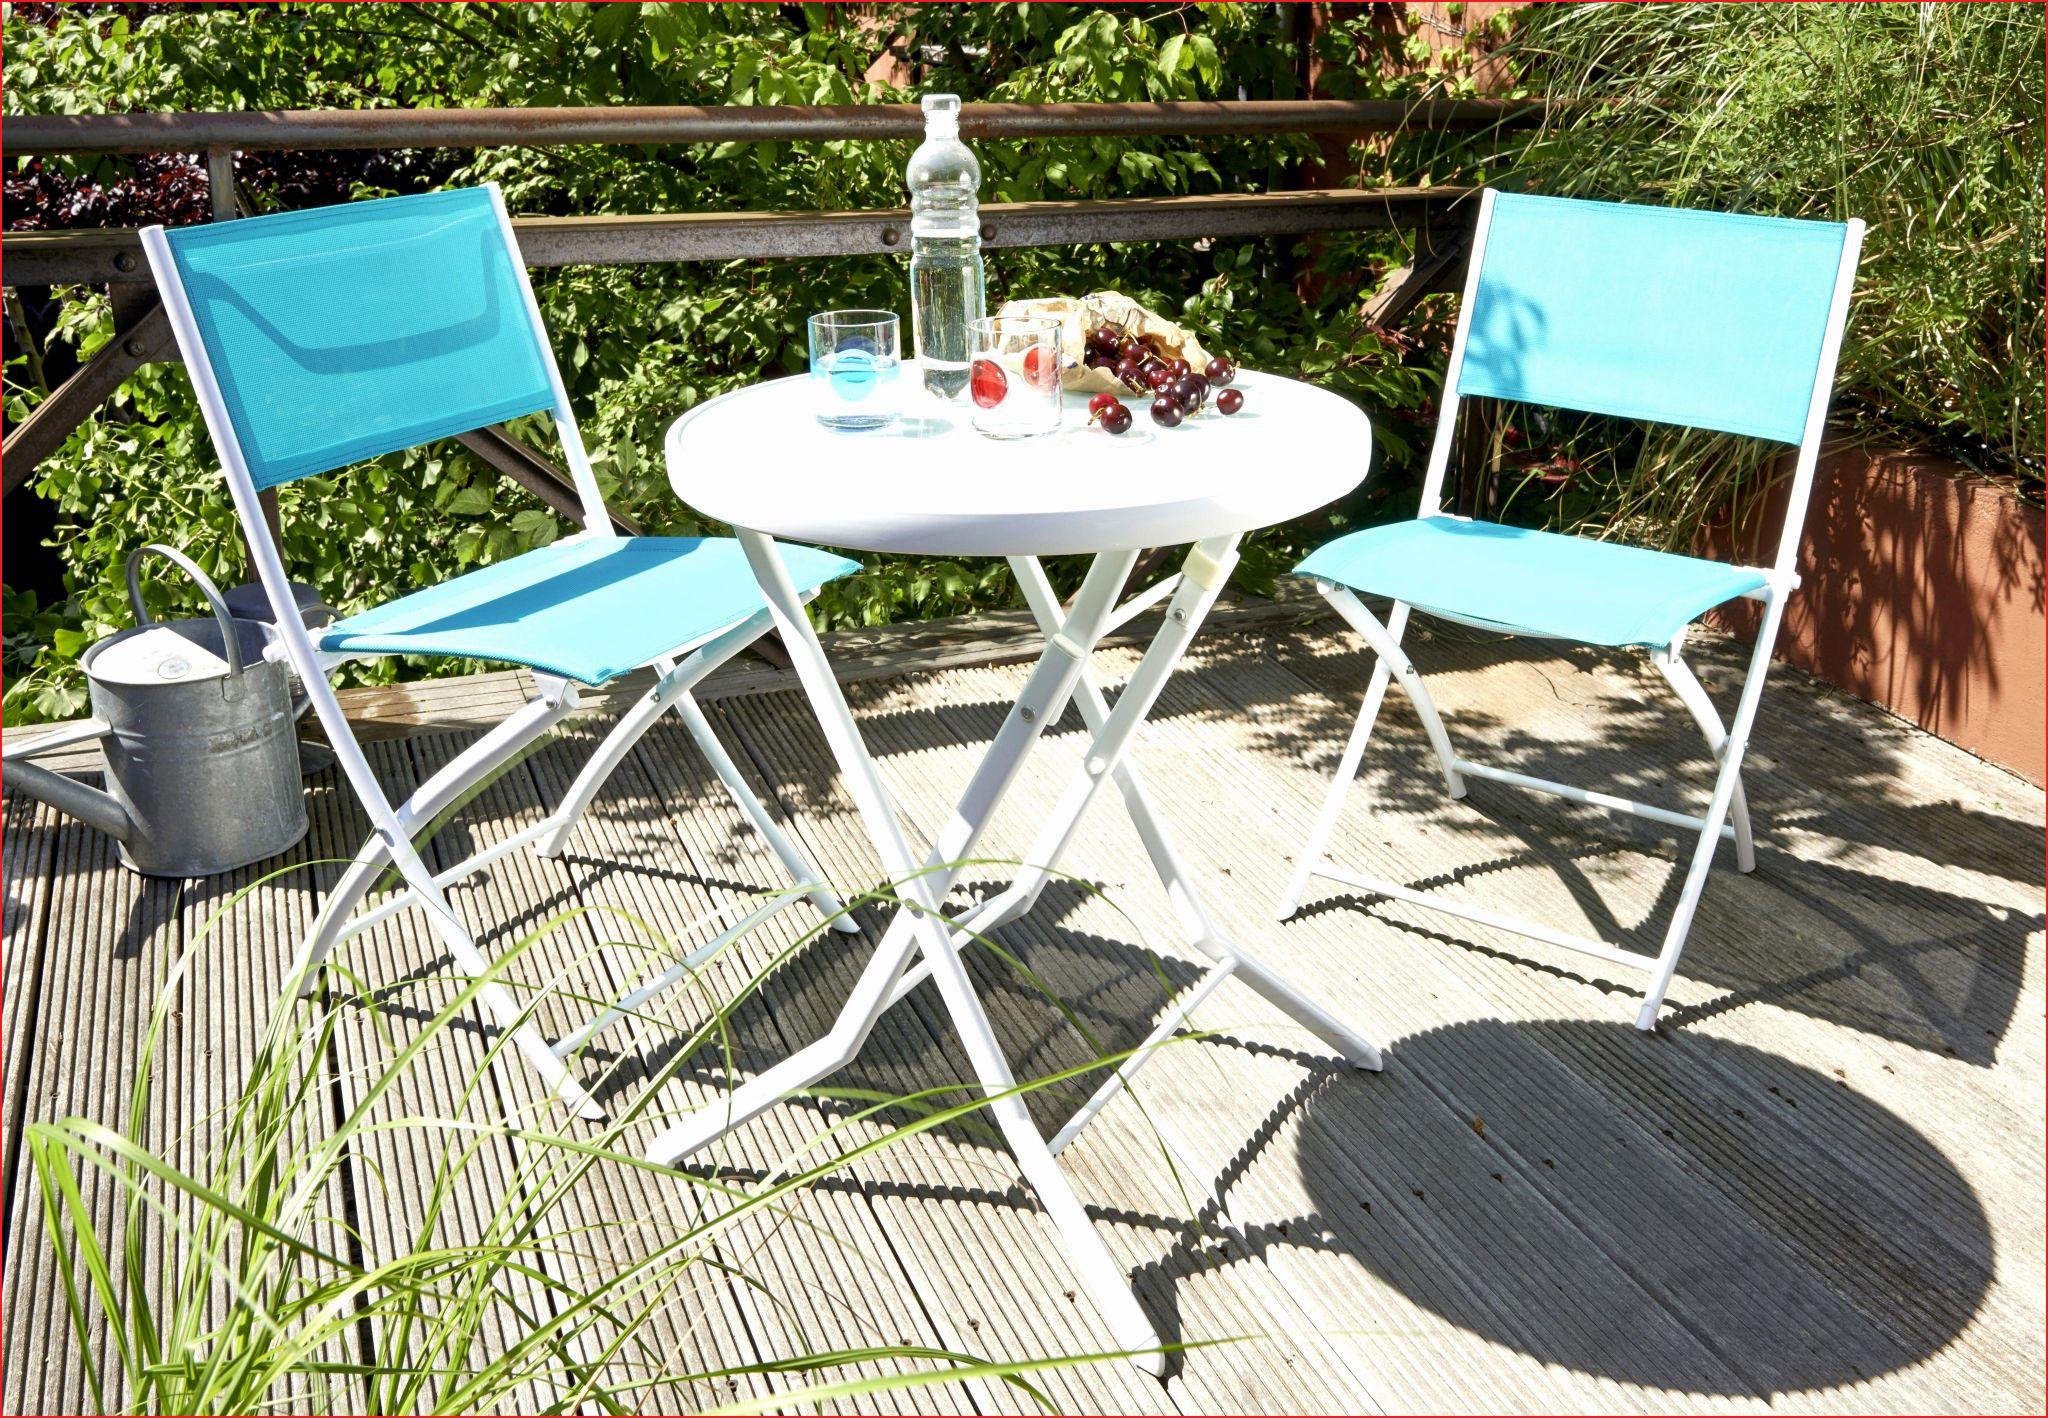 36 Luxe Allibert Mobilier De Jardin | Salon Jardin intérieur La Redoute Meubles De Jardin